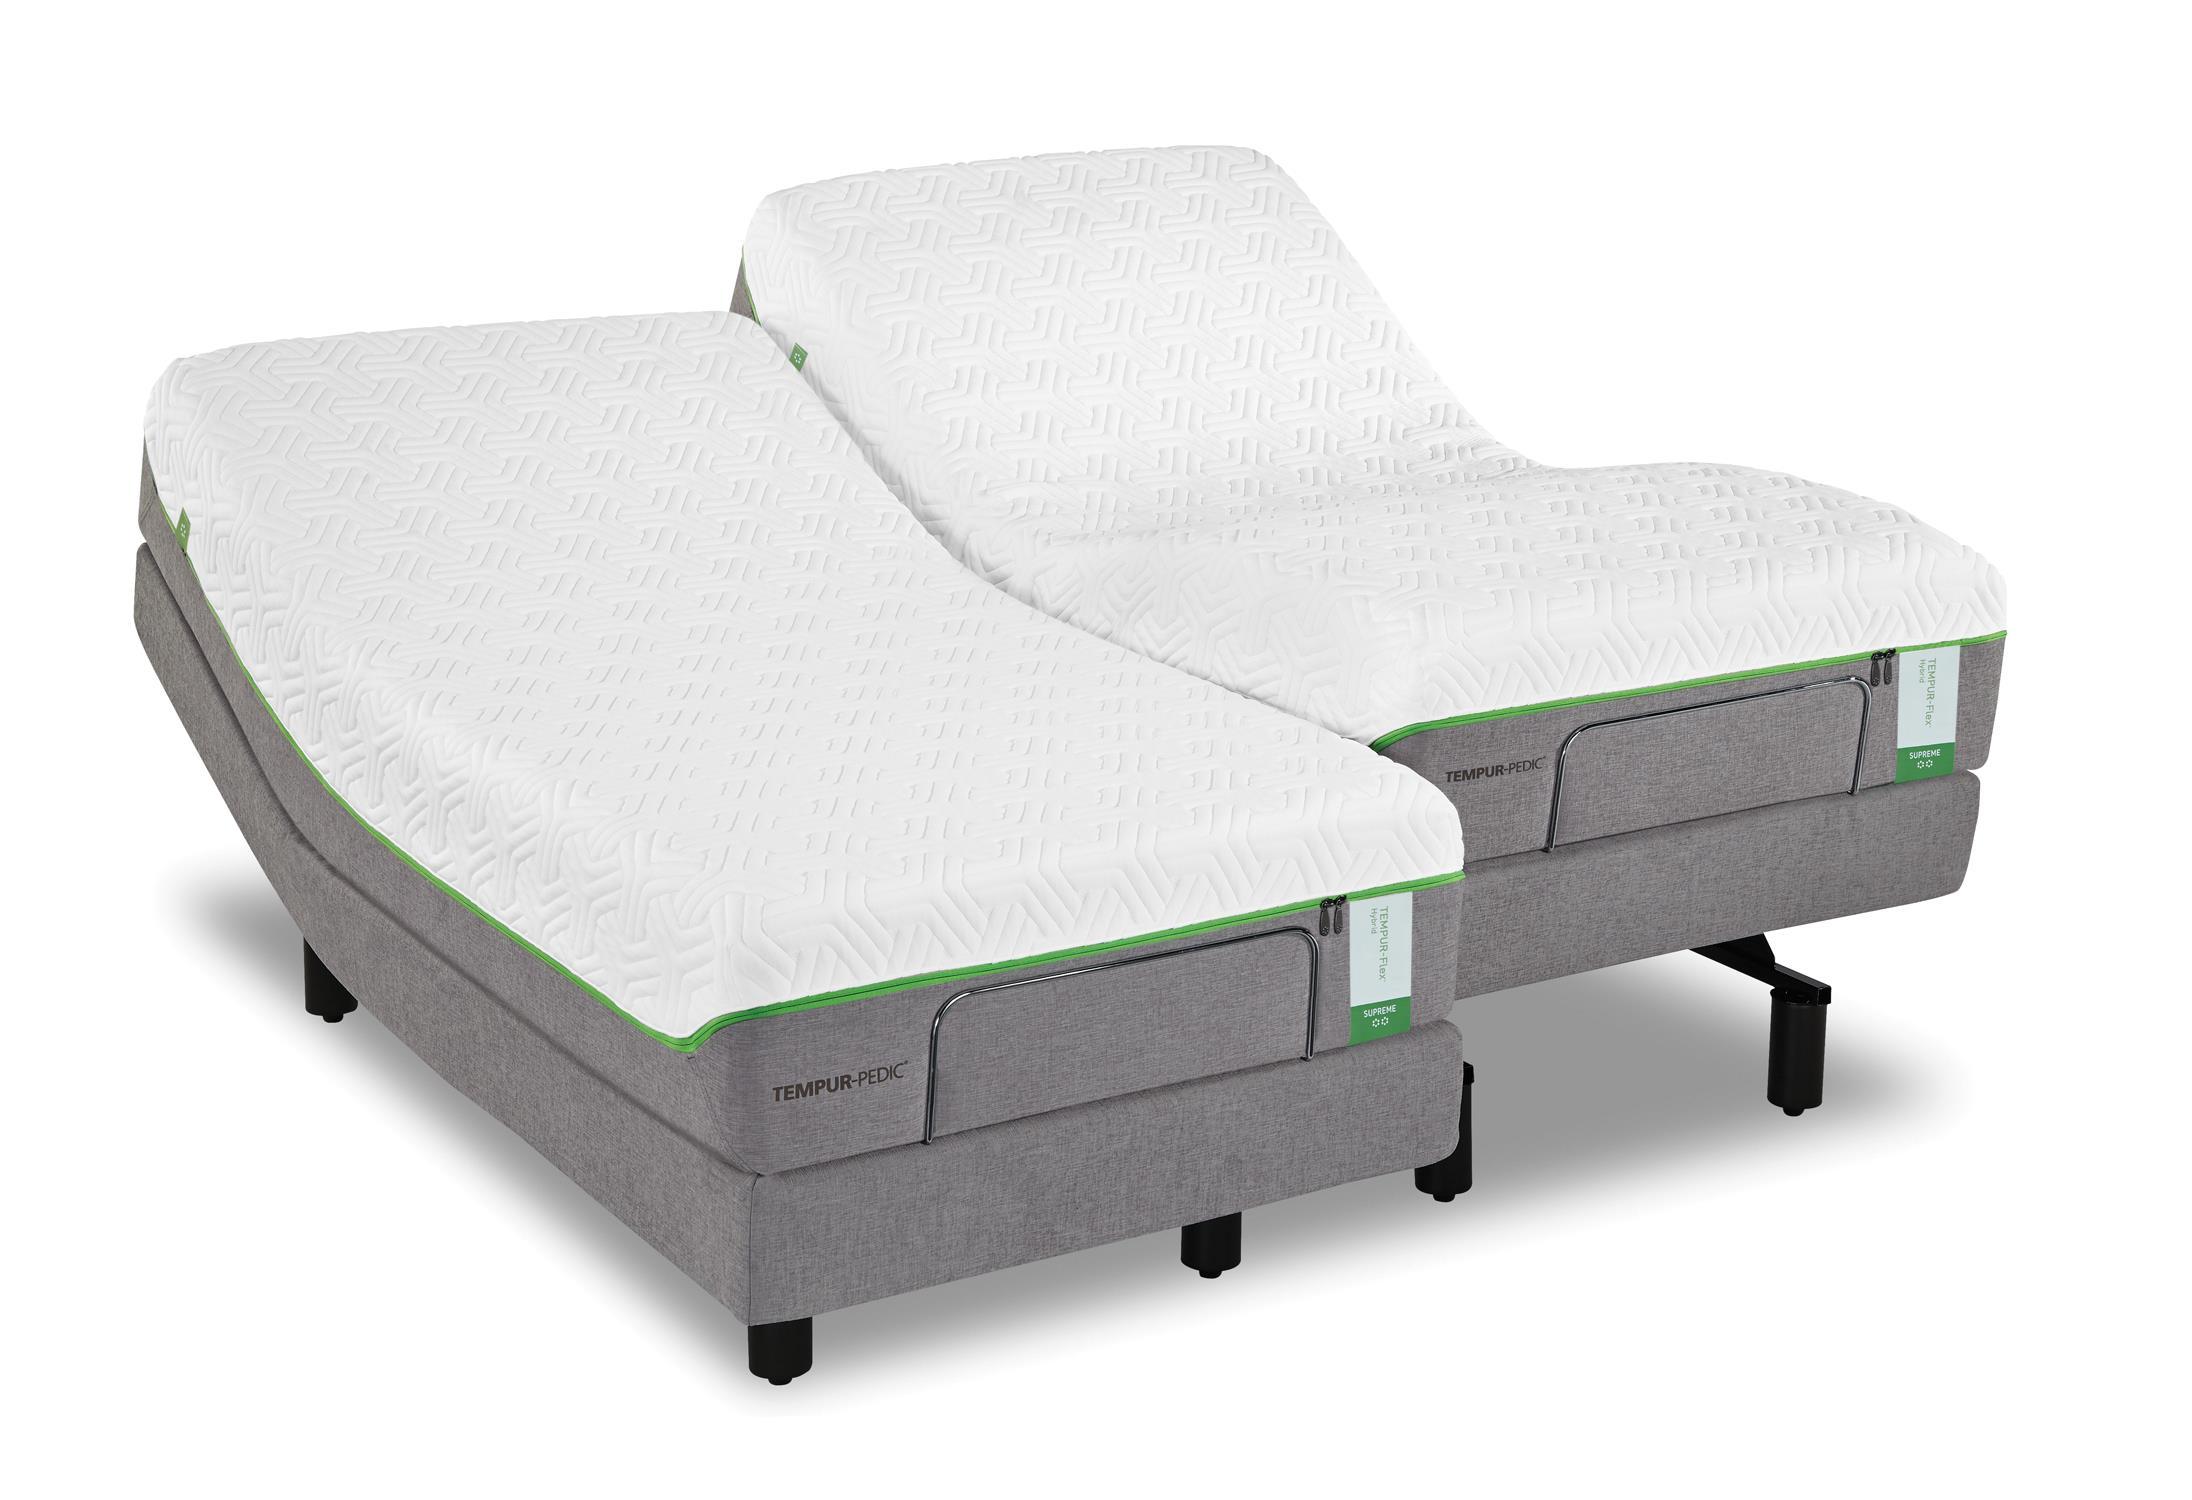 Tempur-Pedic® TEMPUR-Flex Prima Full Medium Firm Mattress Set - Item Number: 10115230+25289230